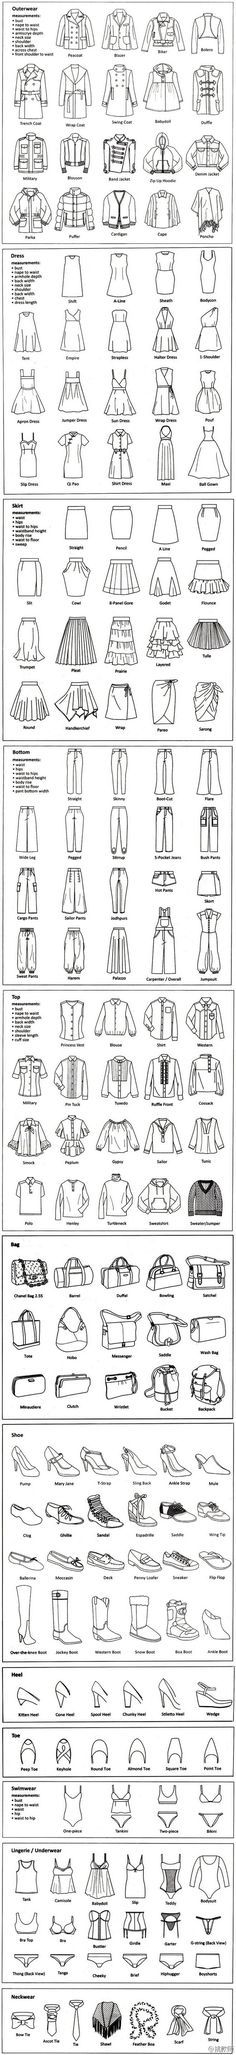 """Aide pour identifier par leur """"vrai"""" nom les différents éléments des habits, ainsi que les mesures à prendre pour les réaliser. Permet aussi d'avoir un aperçu de différents style d'habits."""